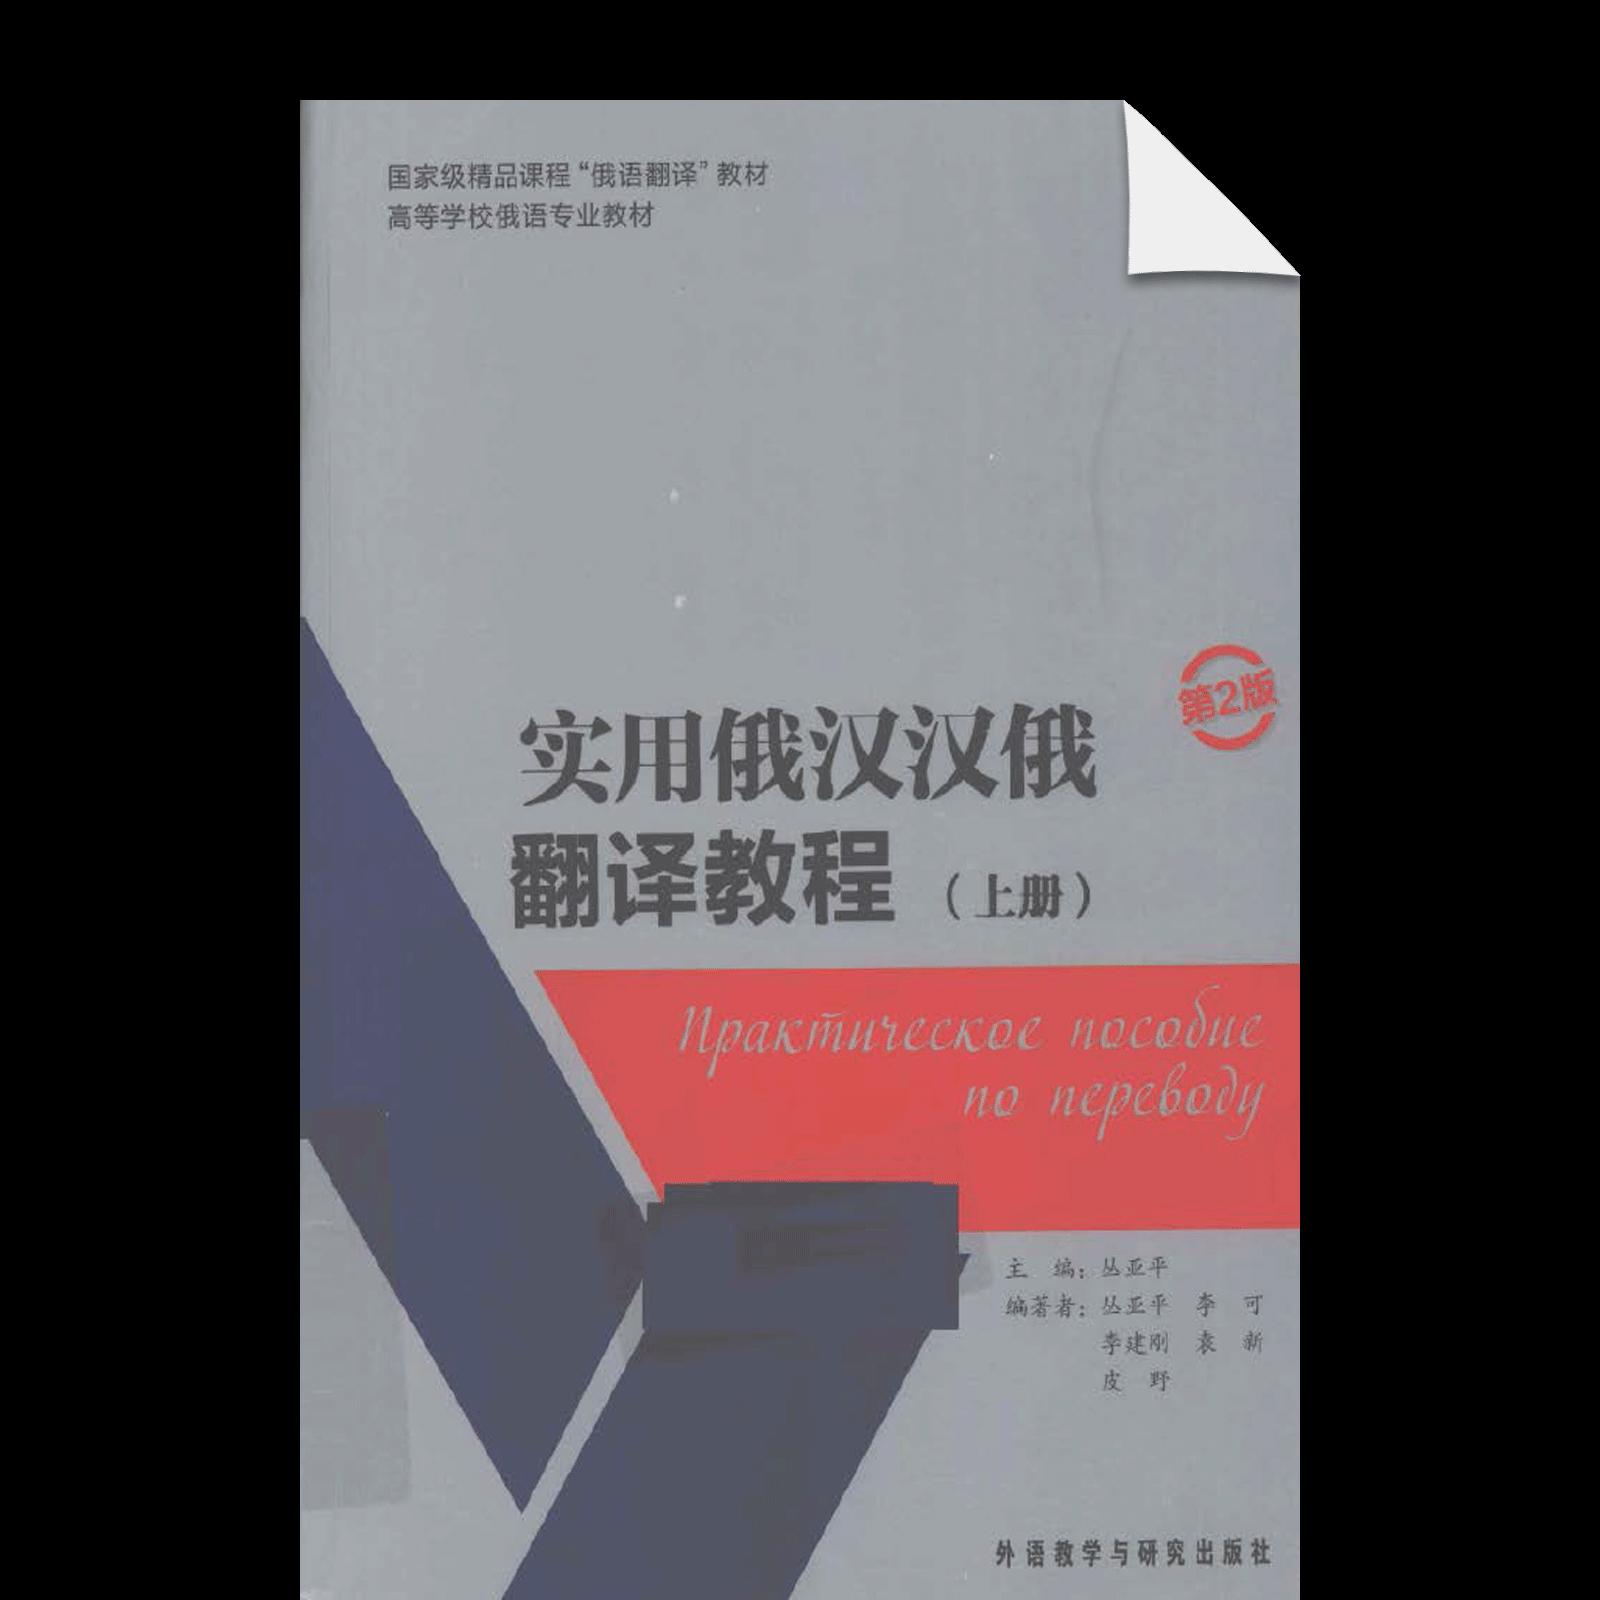 Shiyong Ehan Hane Fanyi Jiaocheng 1